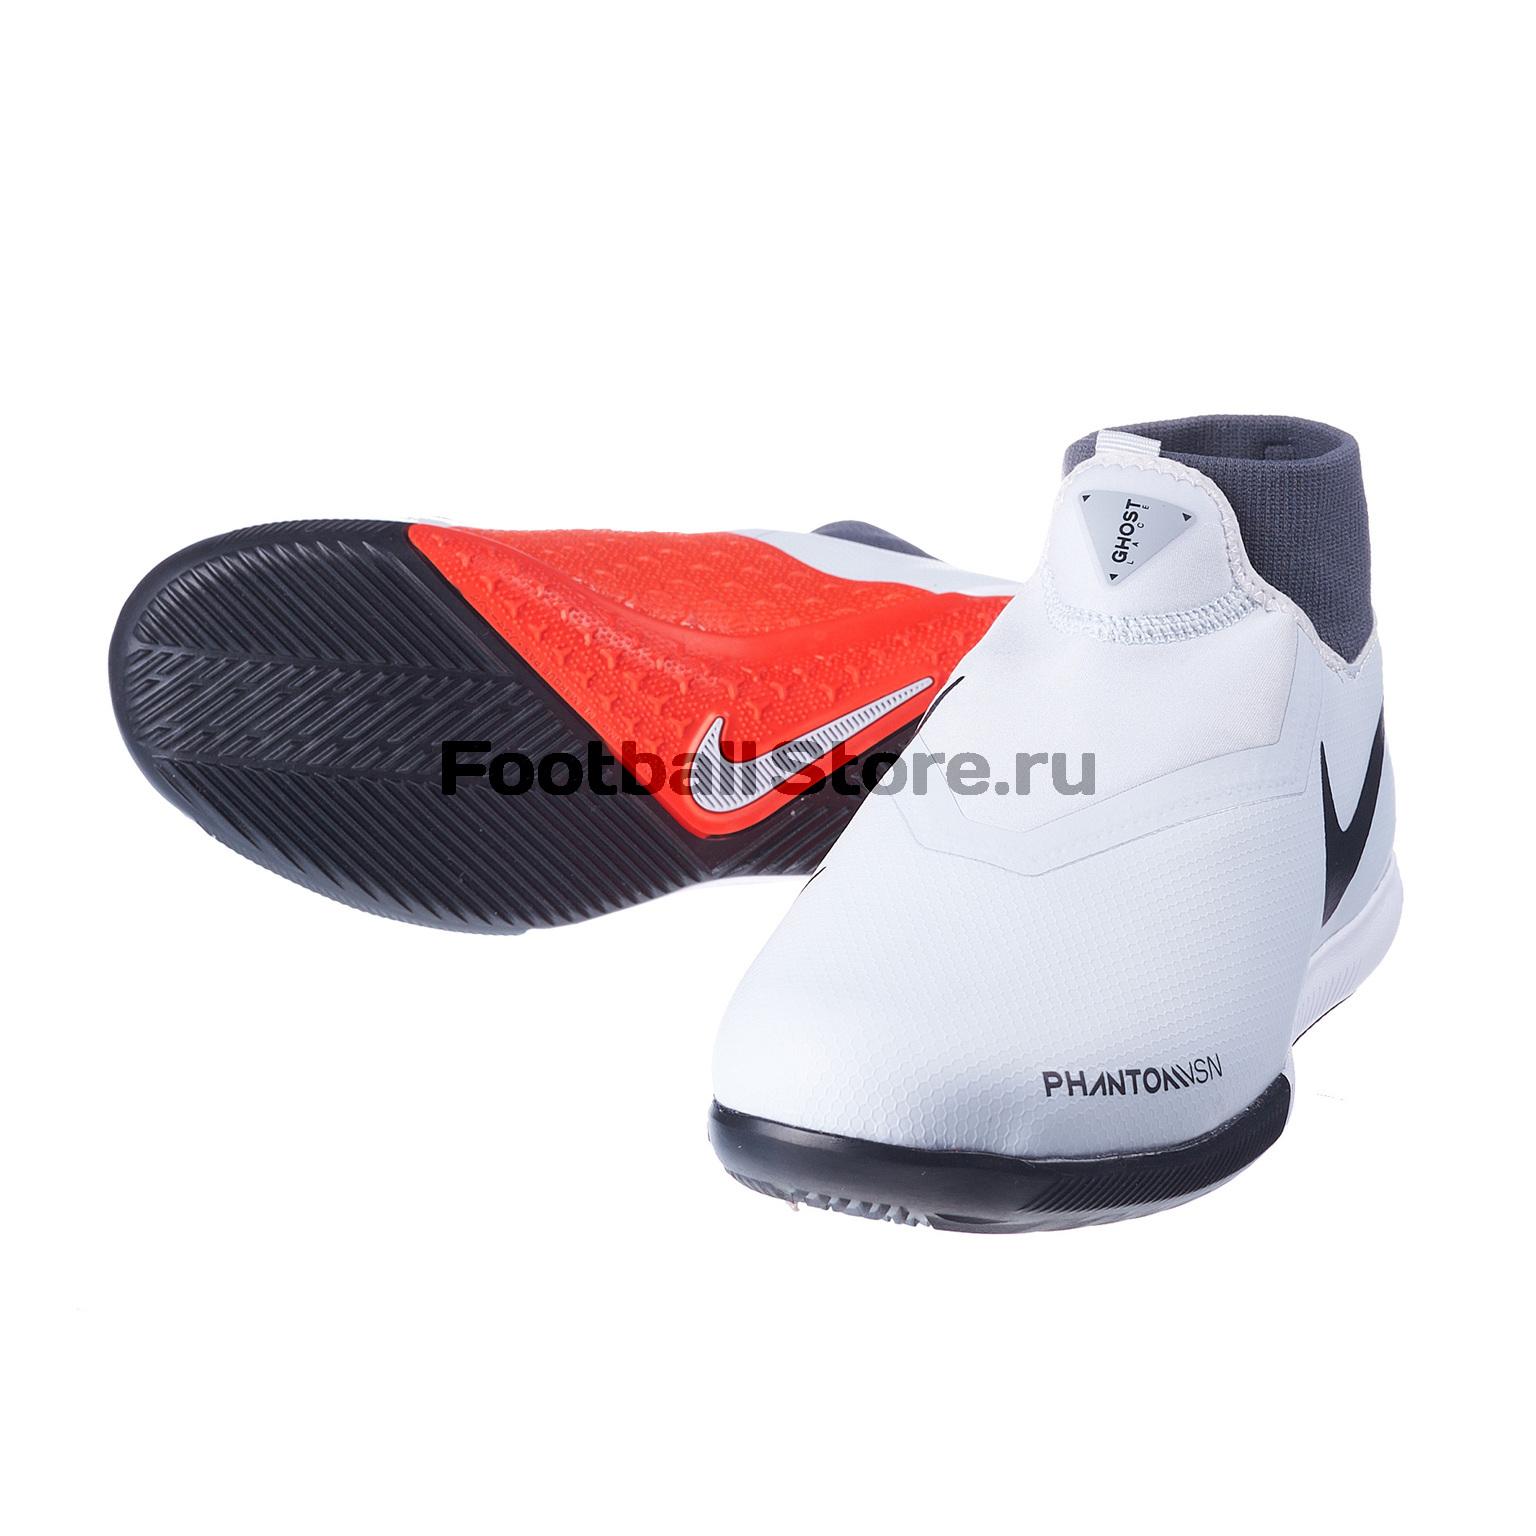 102336d2 Футзалки детские Nike Phantom Vision Academy DF IC AO3290-060 – купить в  интернет магазине footballstore, цена, фото